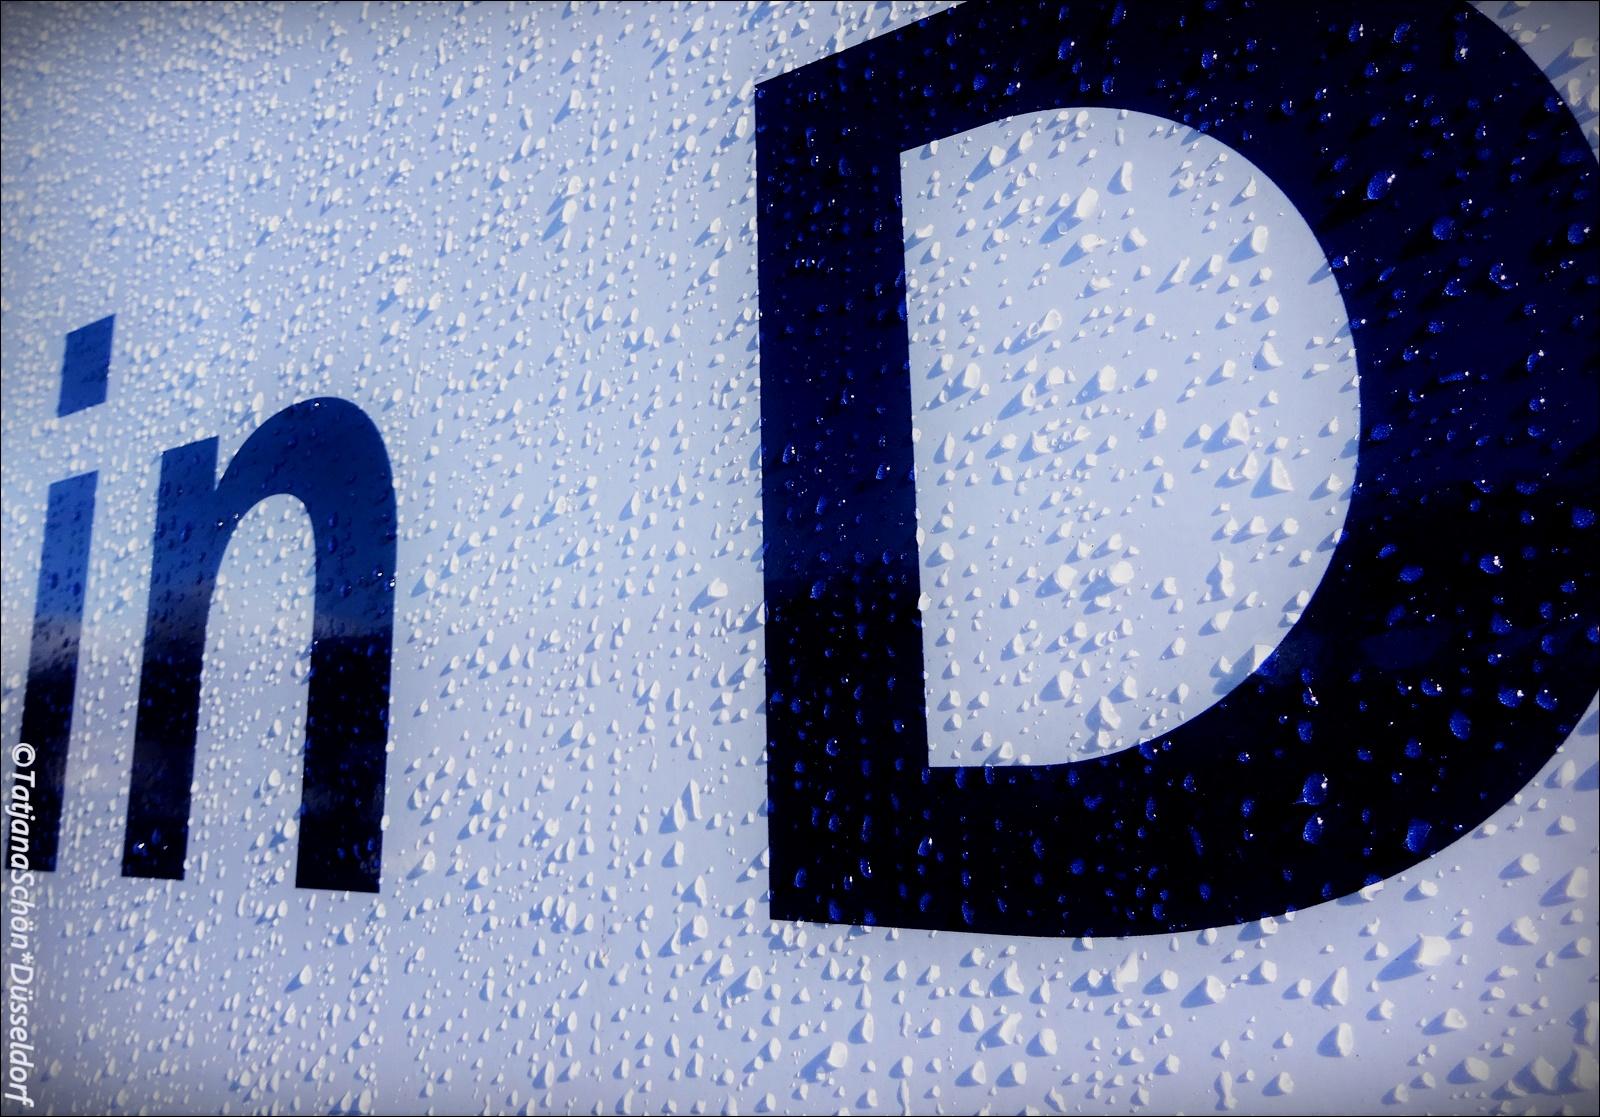 Иллюстрирую дождь в Дюссельдорфе - утром после дождя красиво легли капли.